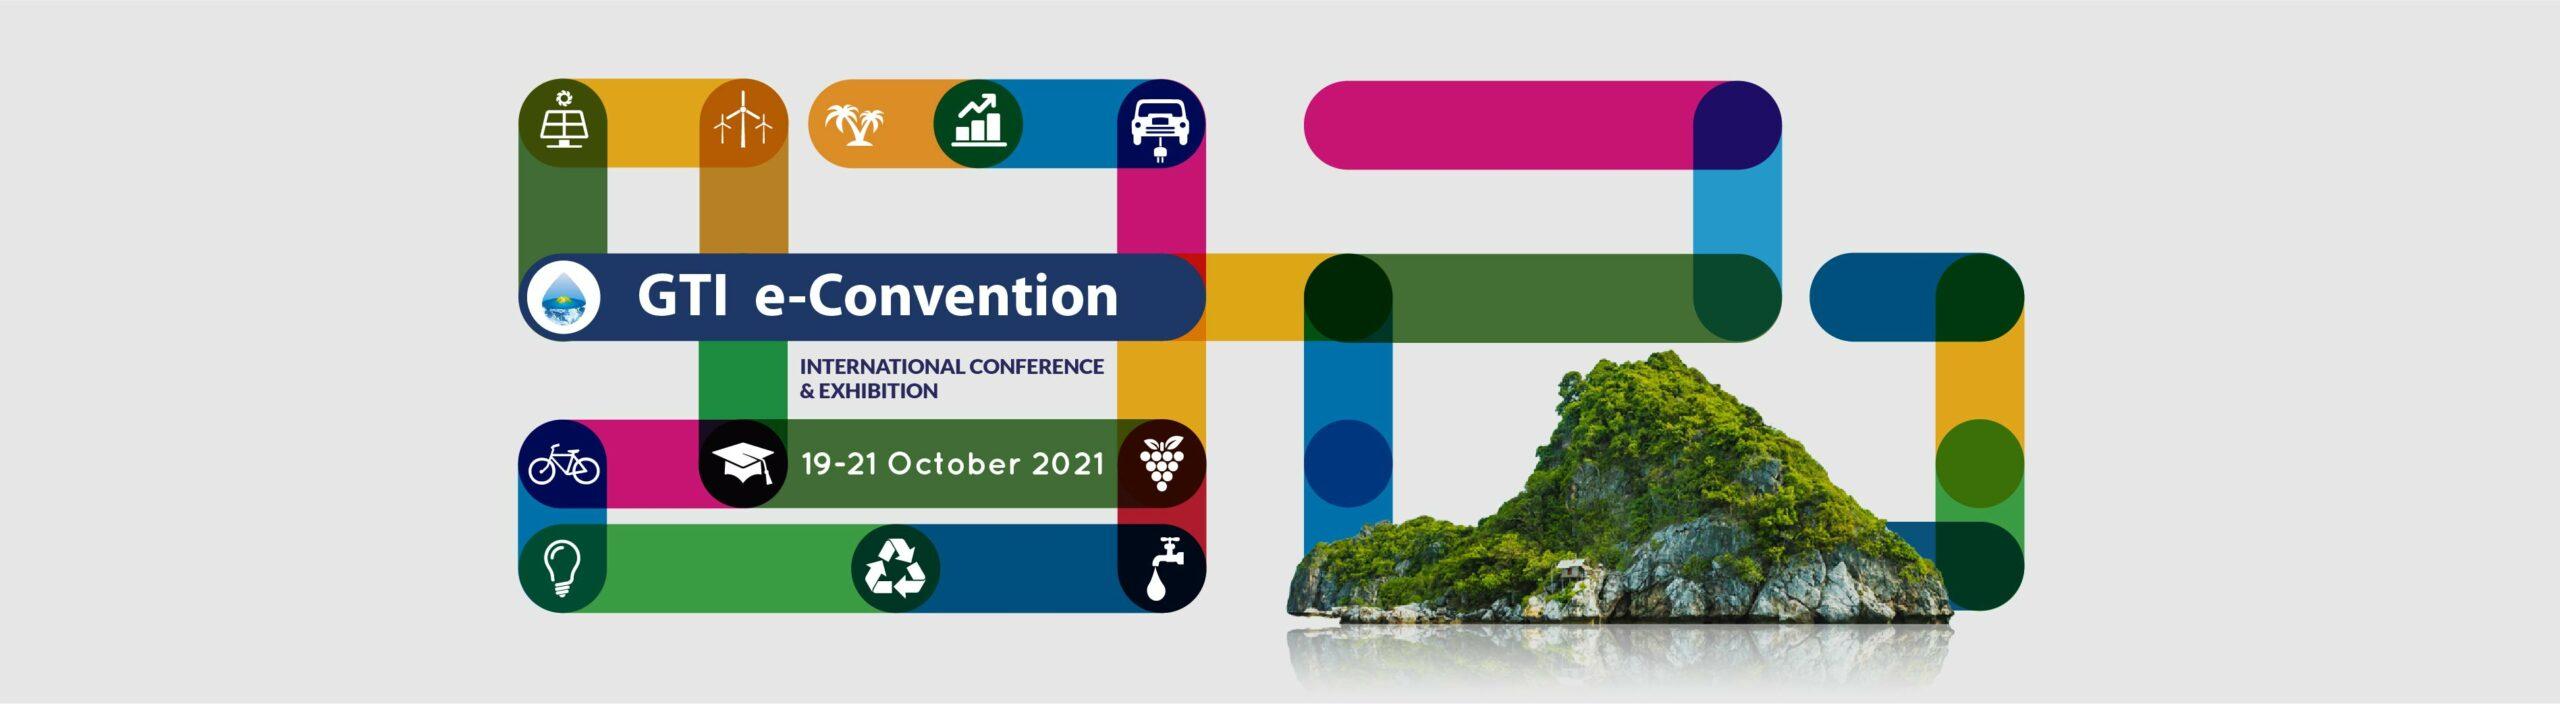 GTI e-Convention